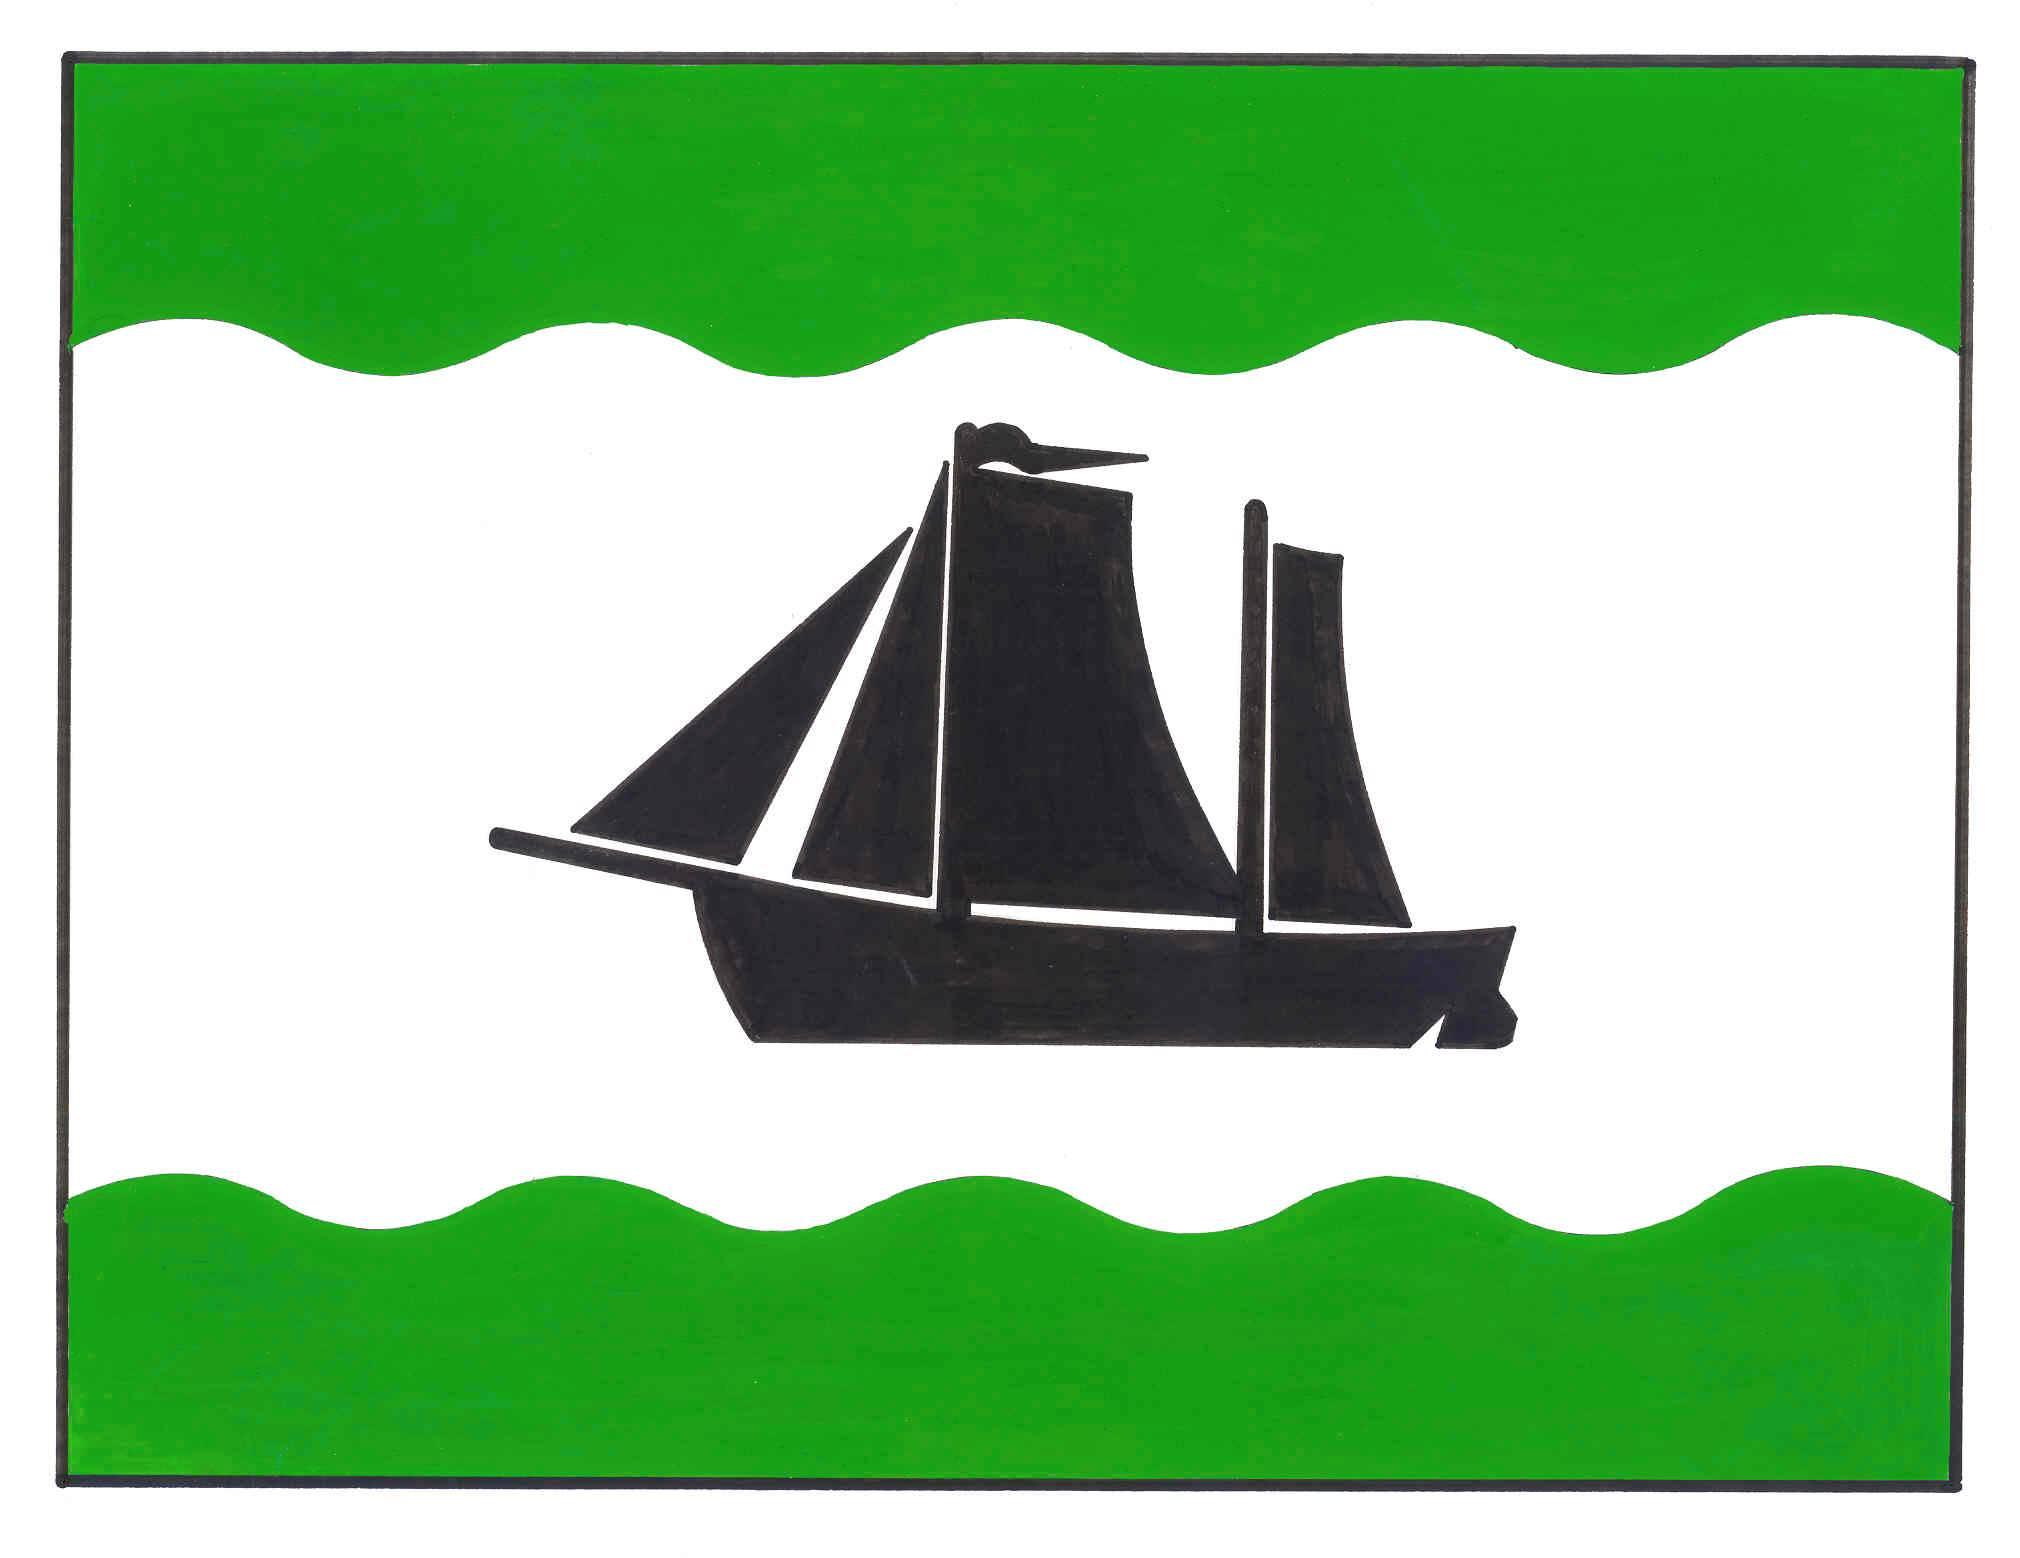 Flagge GemeindeNübbel, Kreis Rendsburg-Eckernförde